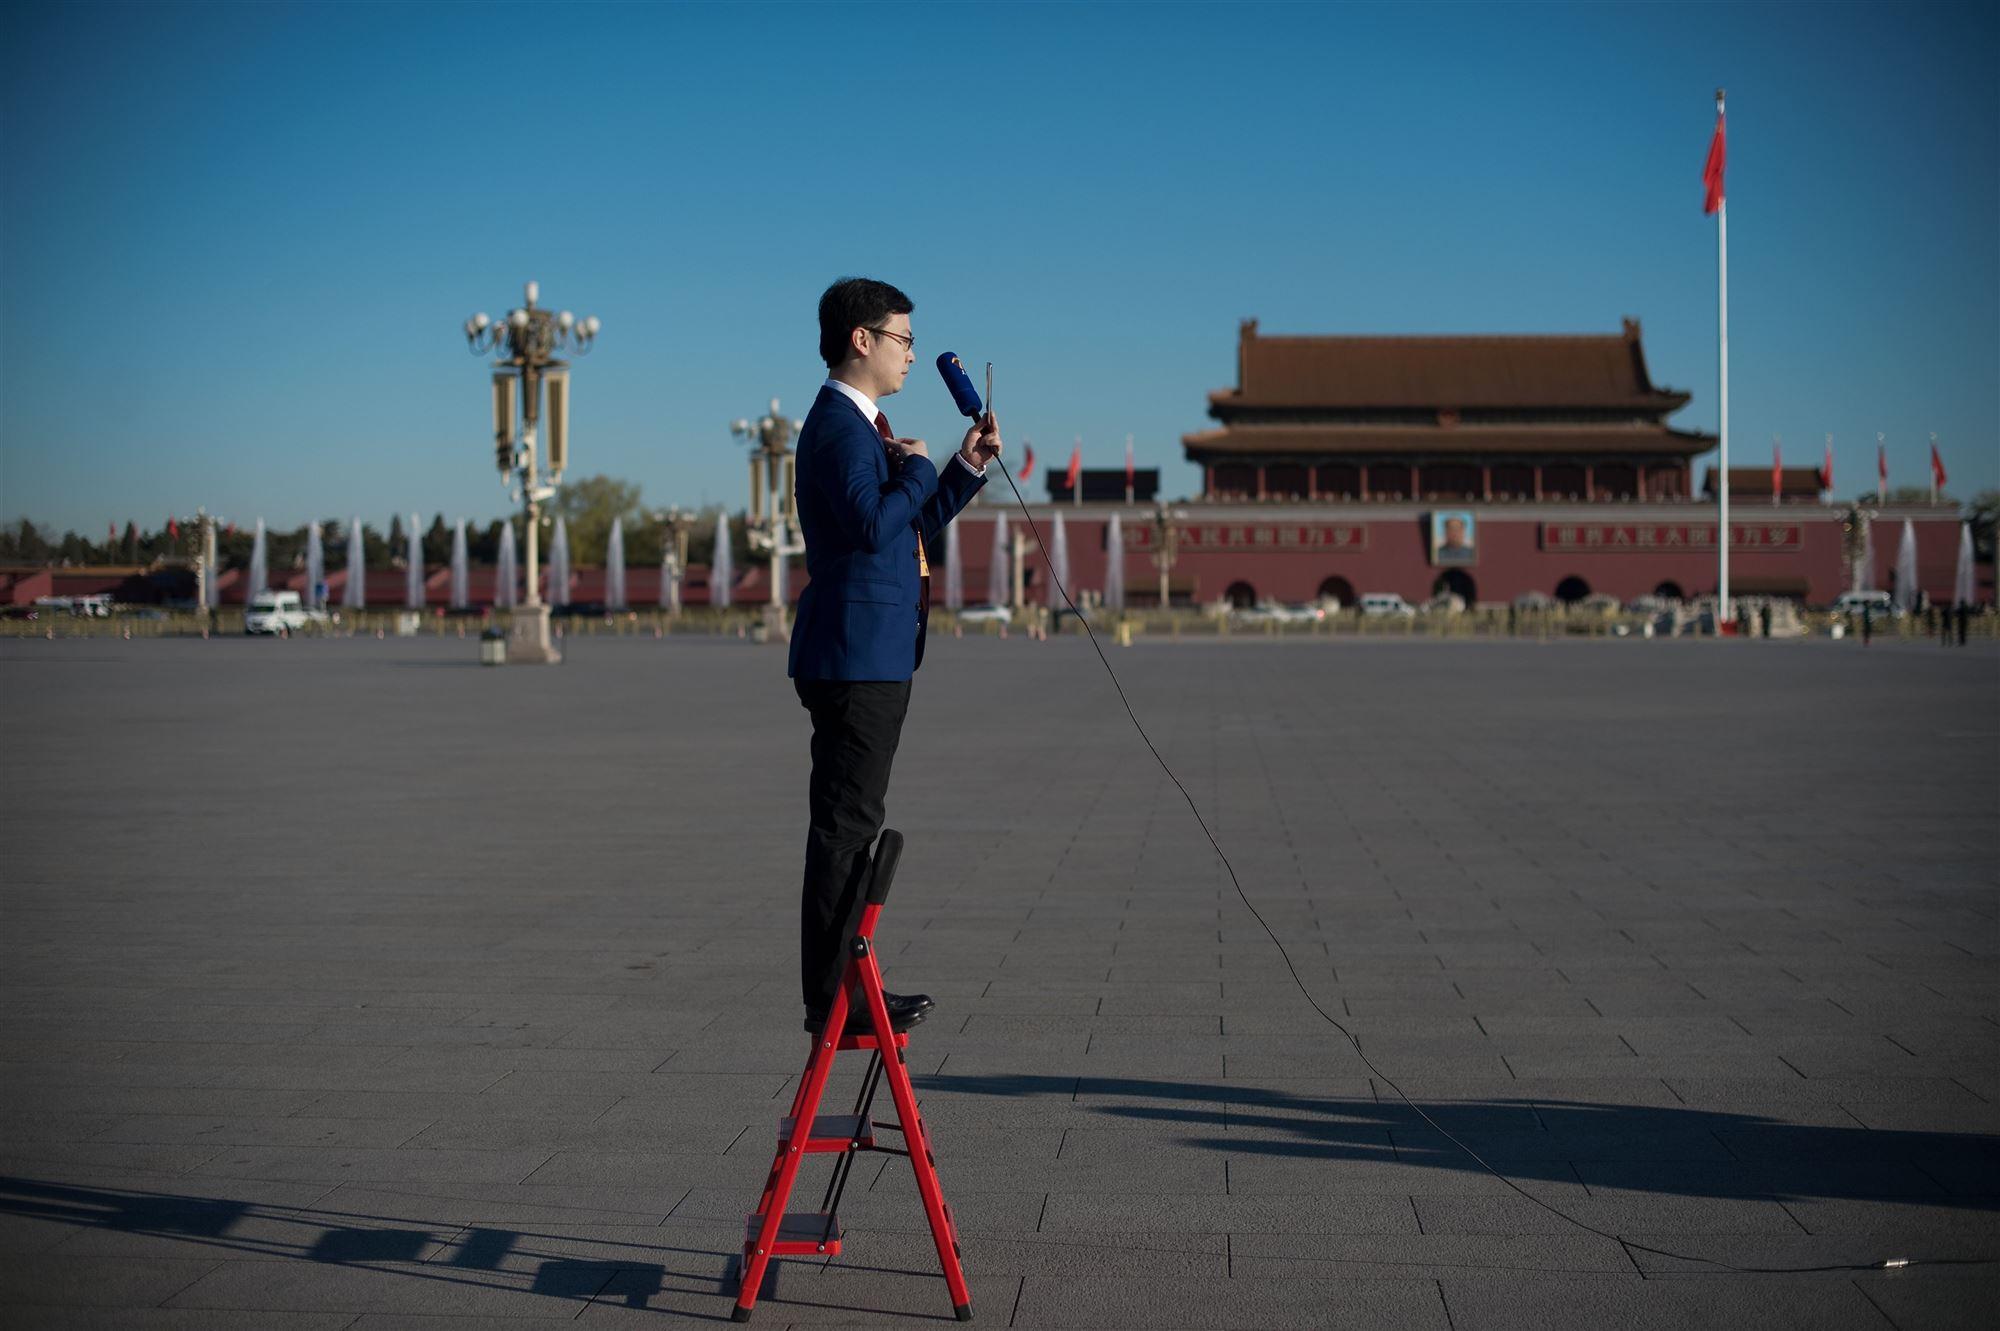 Potdicht en kapotgecensureerd: welkom in de wereld van de Chinese media